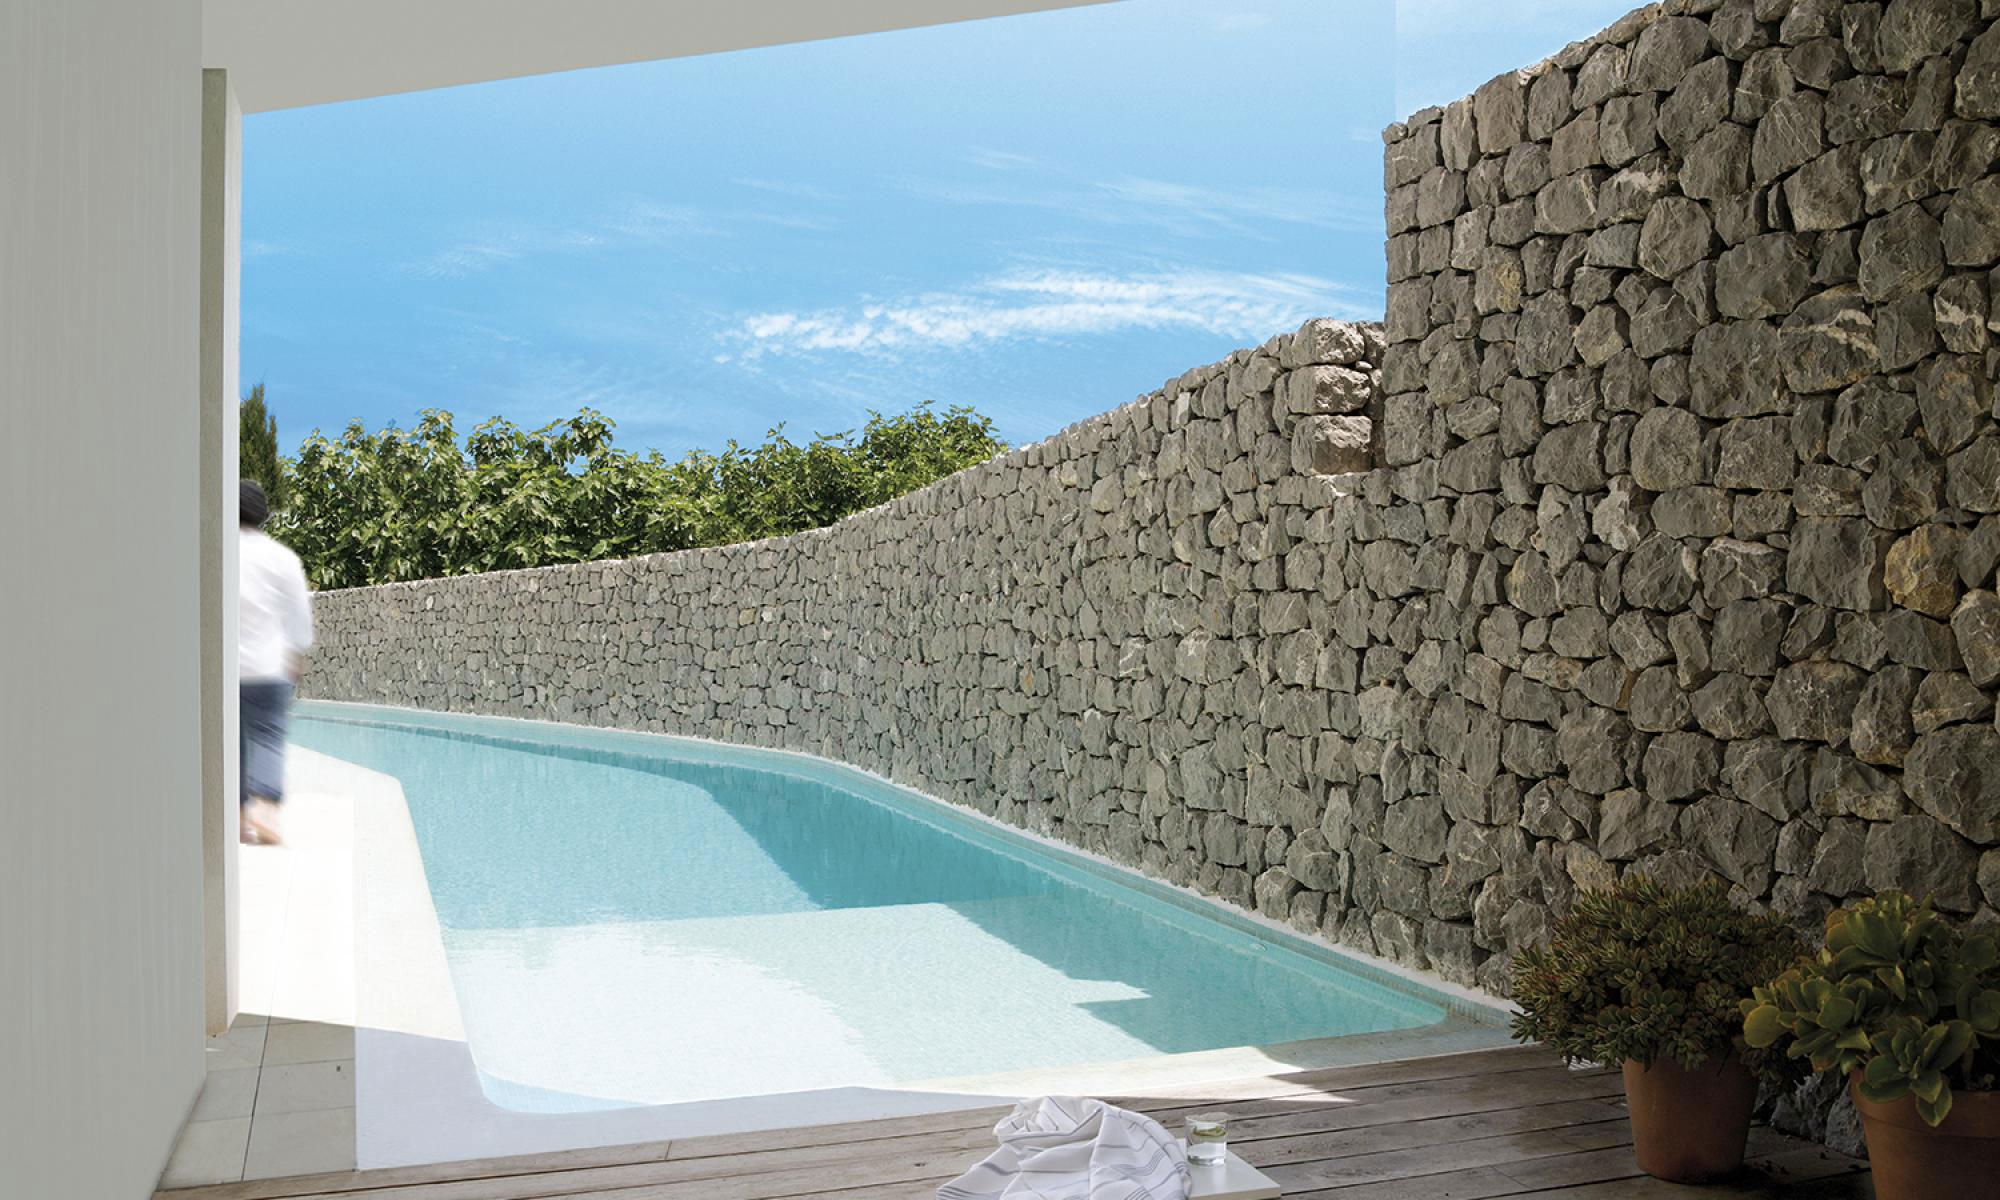 Vivienda Unifamiliar. Casas Llorenç. Casa accesible. Casa ecológica en Alicante. Arquitectos Alicante. eneseis Arquitectura